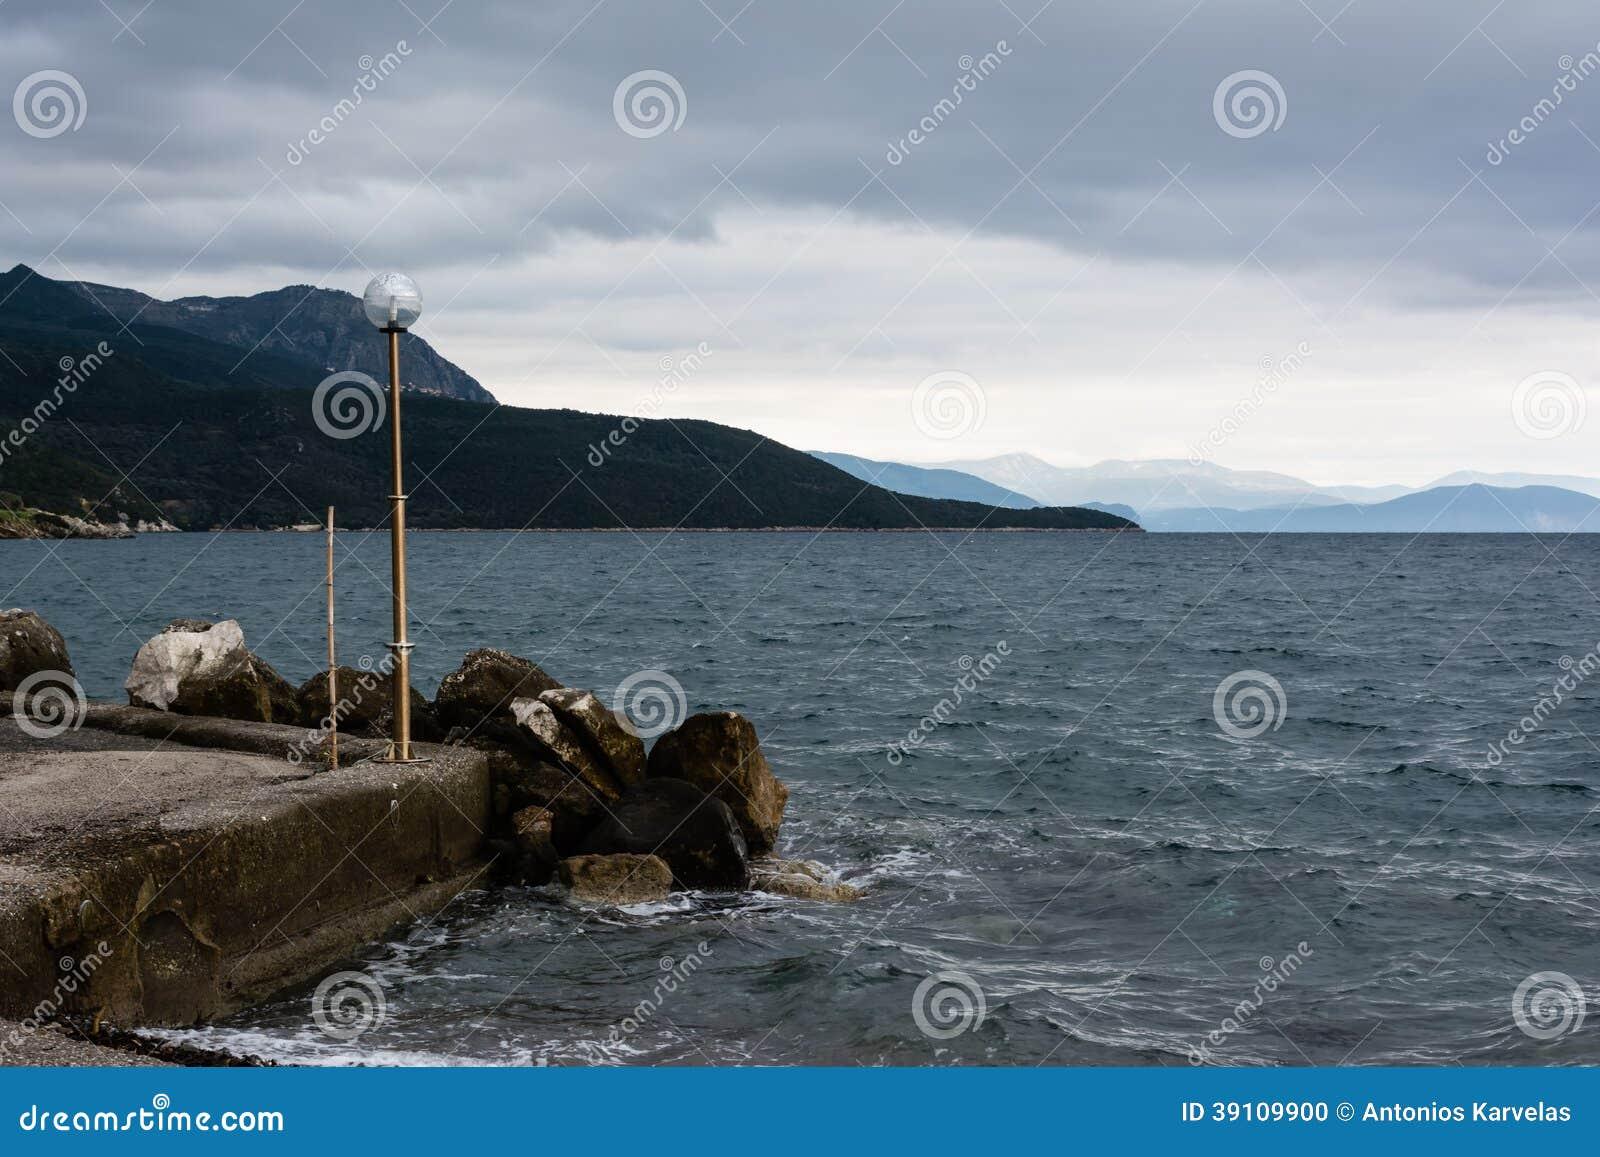 Stormachtige Kust - de Zwarte Zee